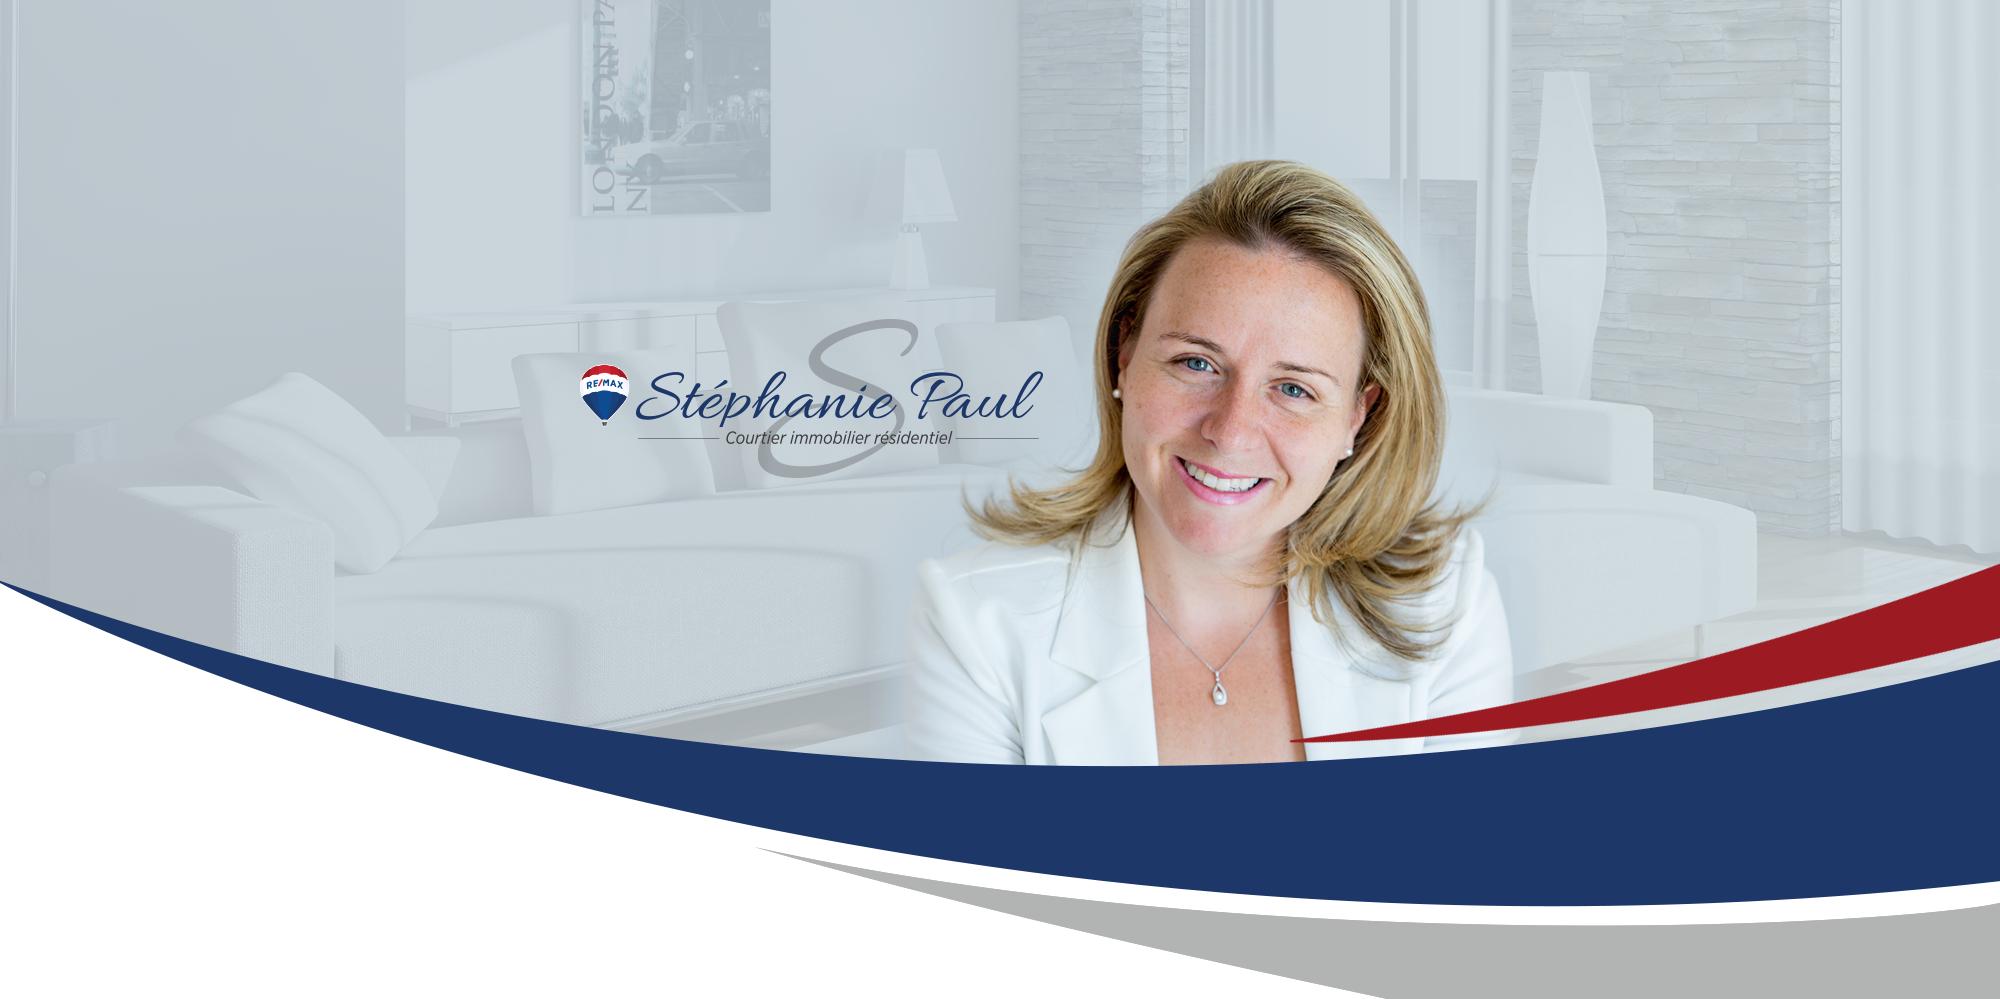 Stéphanie Paul